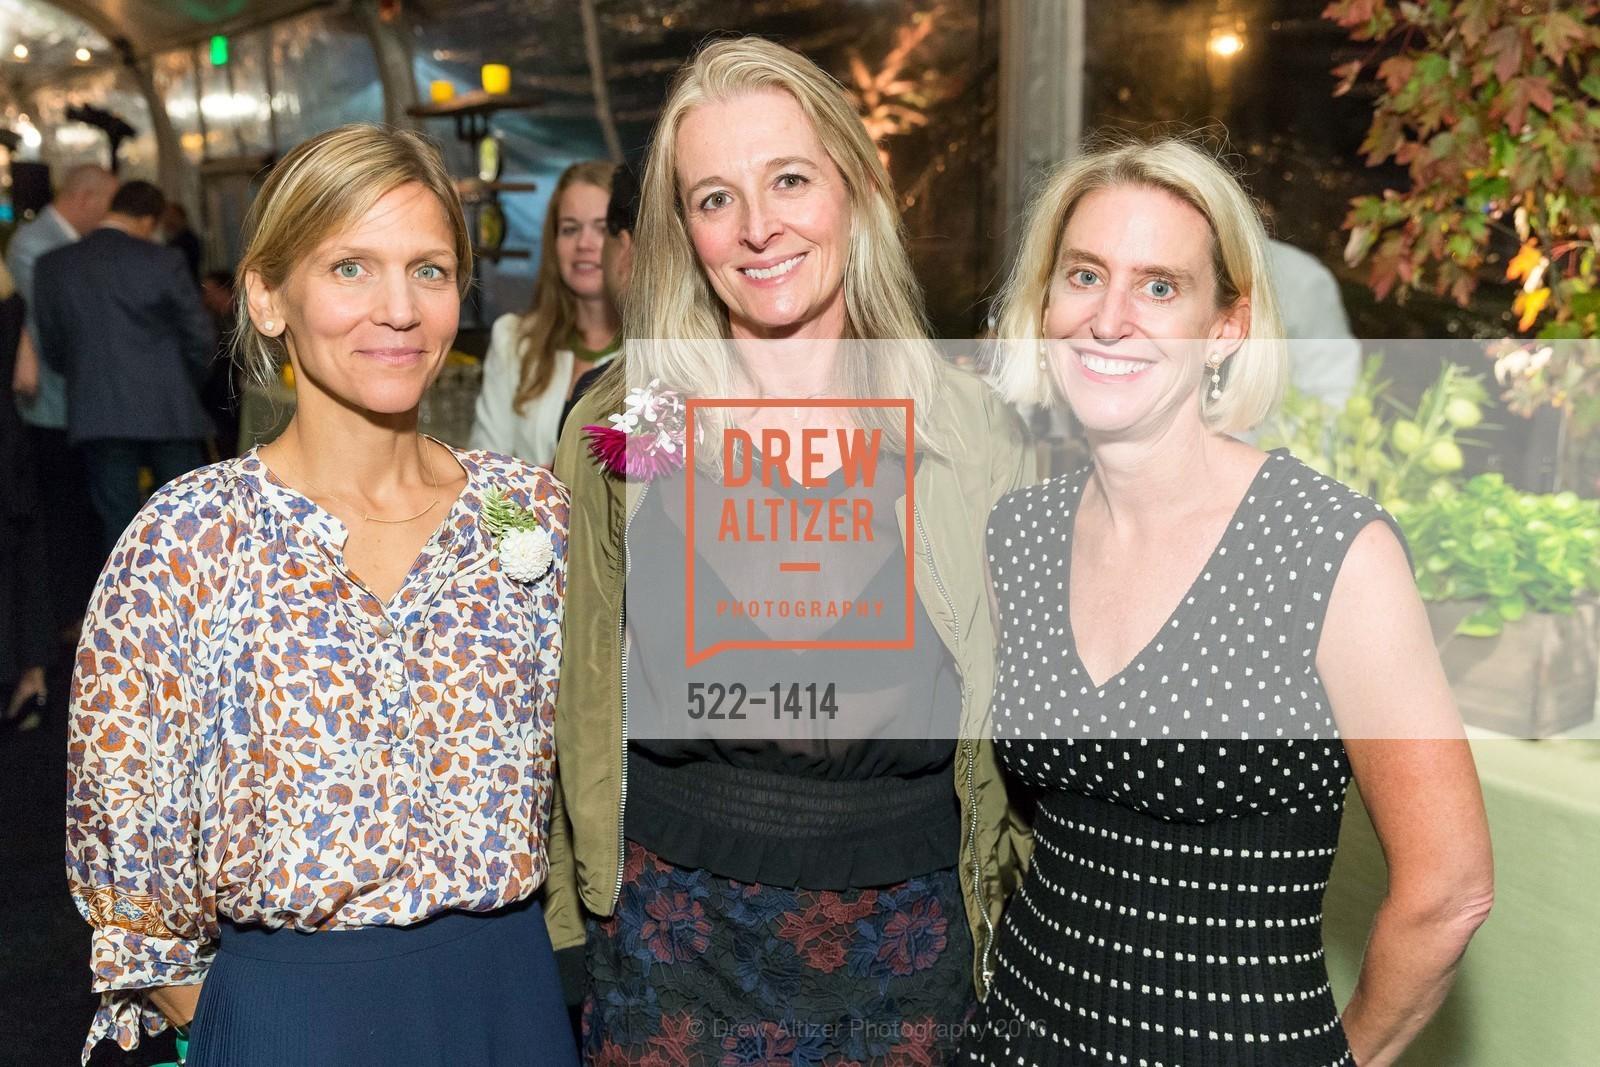 Leith Barry, Tricia Sellmann, Meg Kingsland, Photo #522-1414